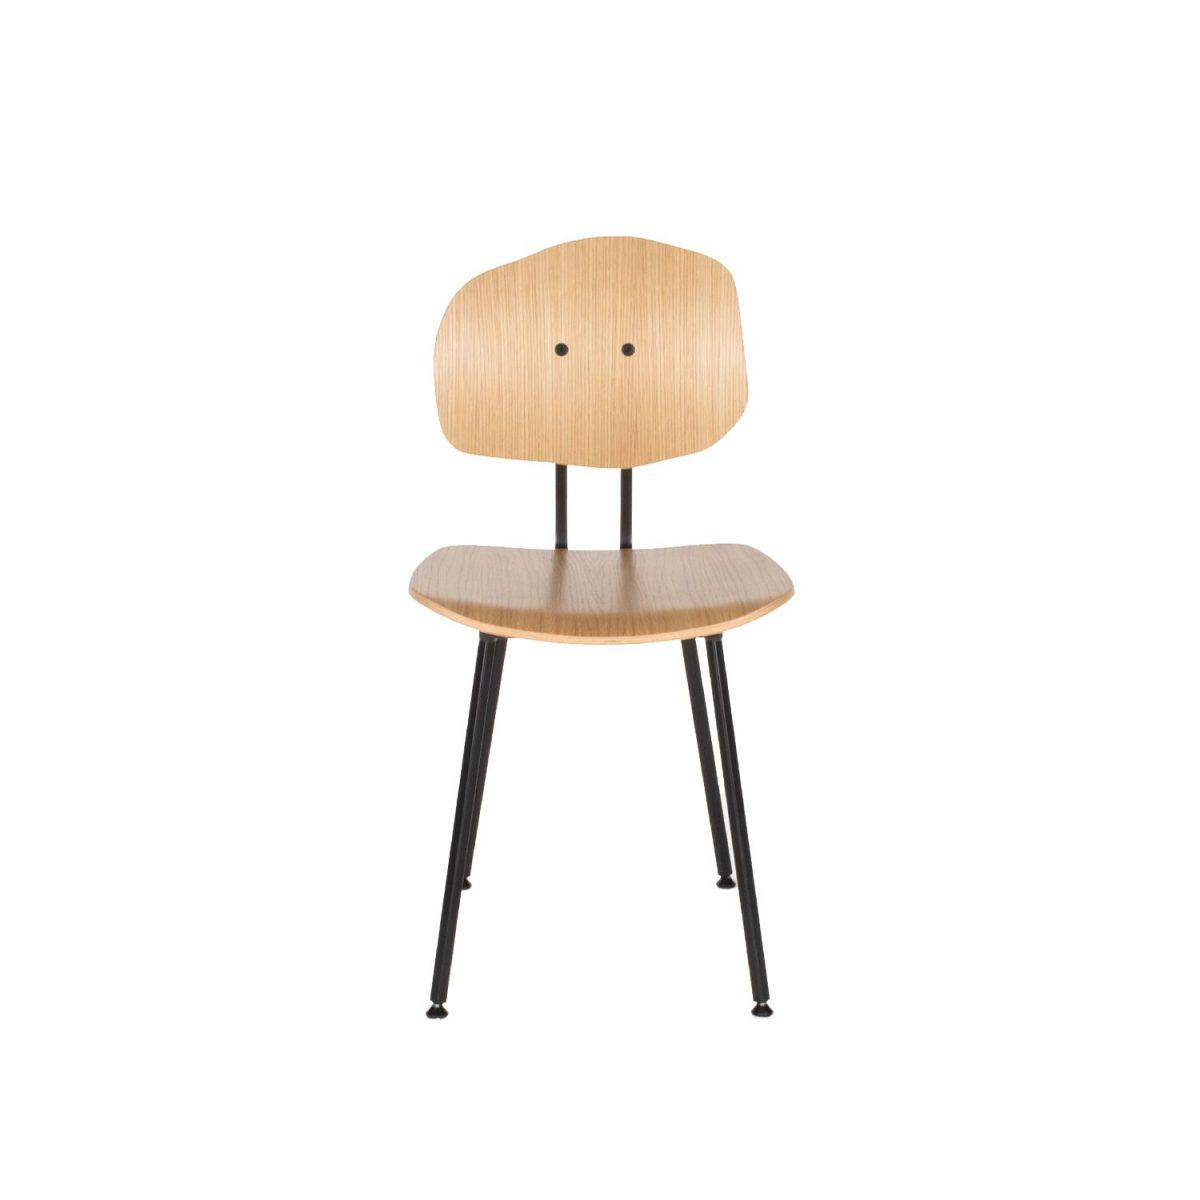 Maarten Baas 101 Chair Stoel Kantoor Dutch Design Eettafelstoel D